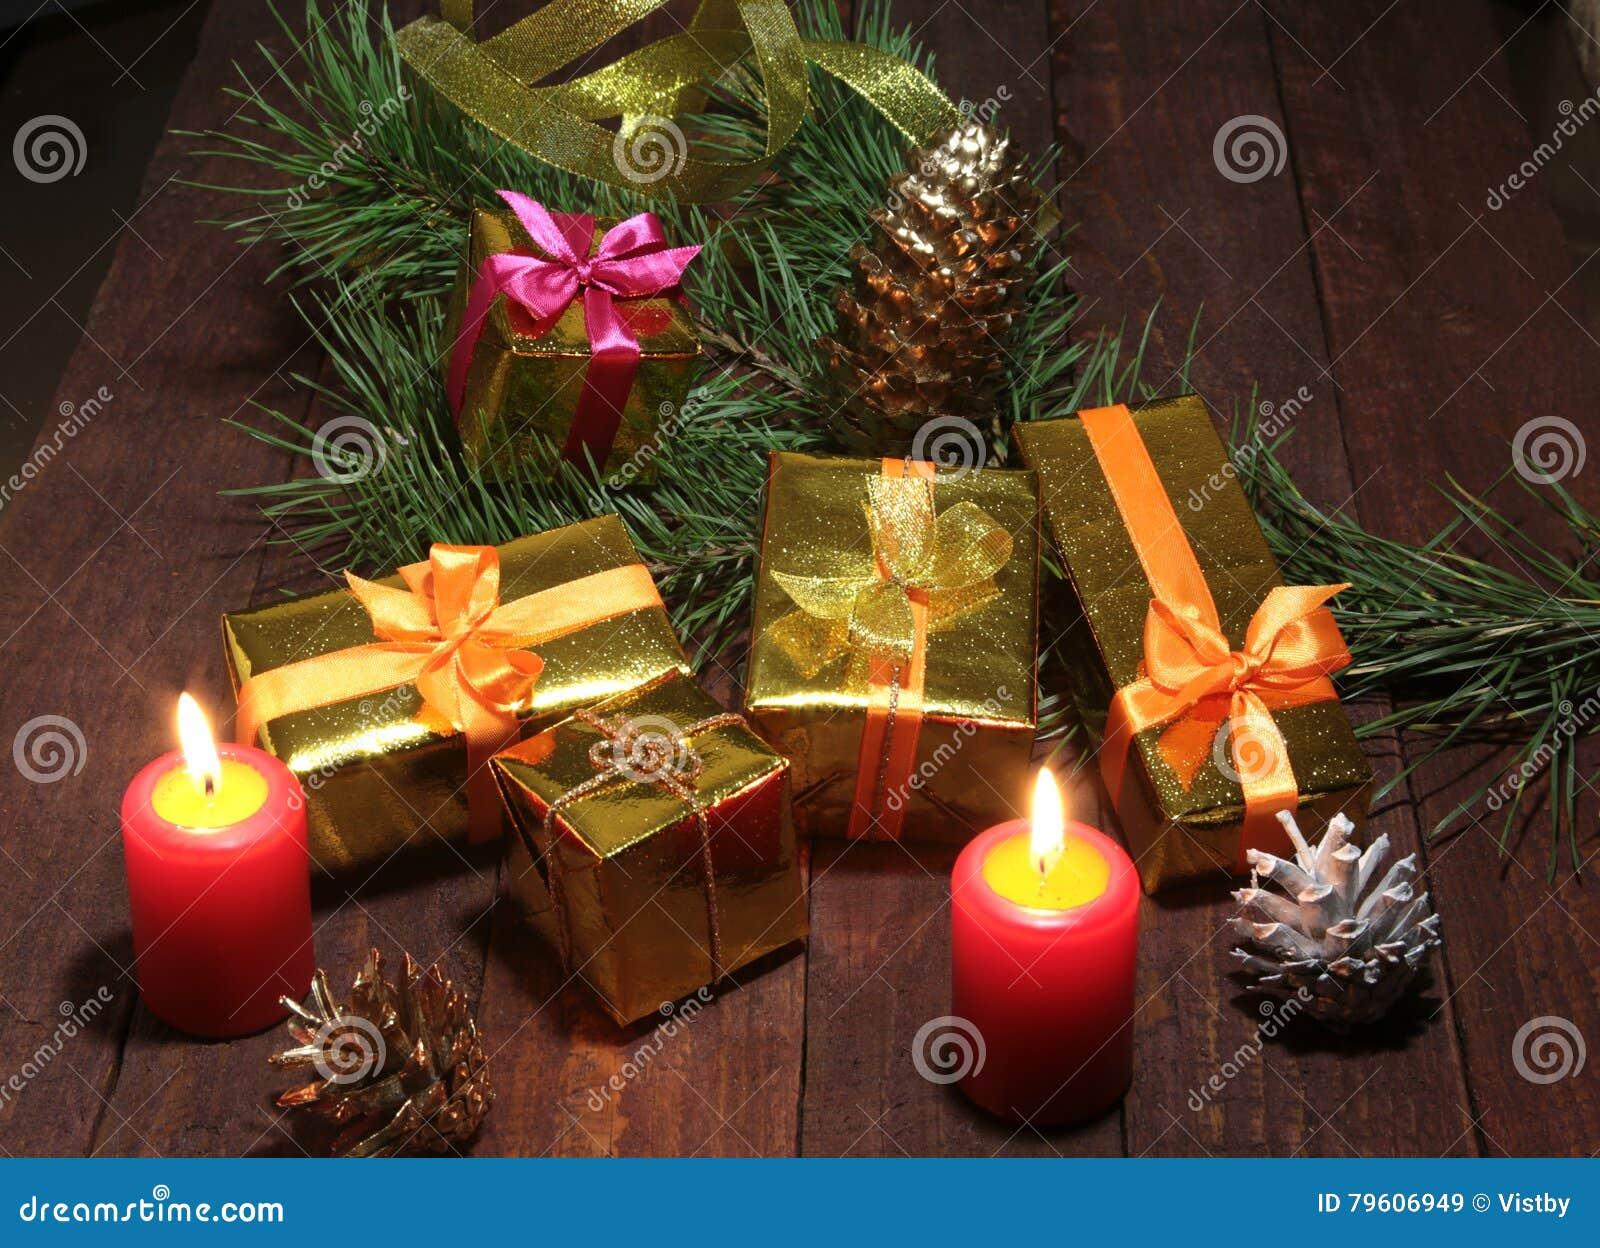 Composição do Natal com conhaque, a caixa de presente e vela de vidro na tabela de madeira